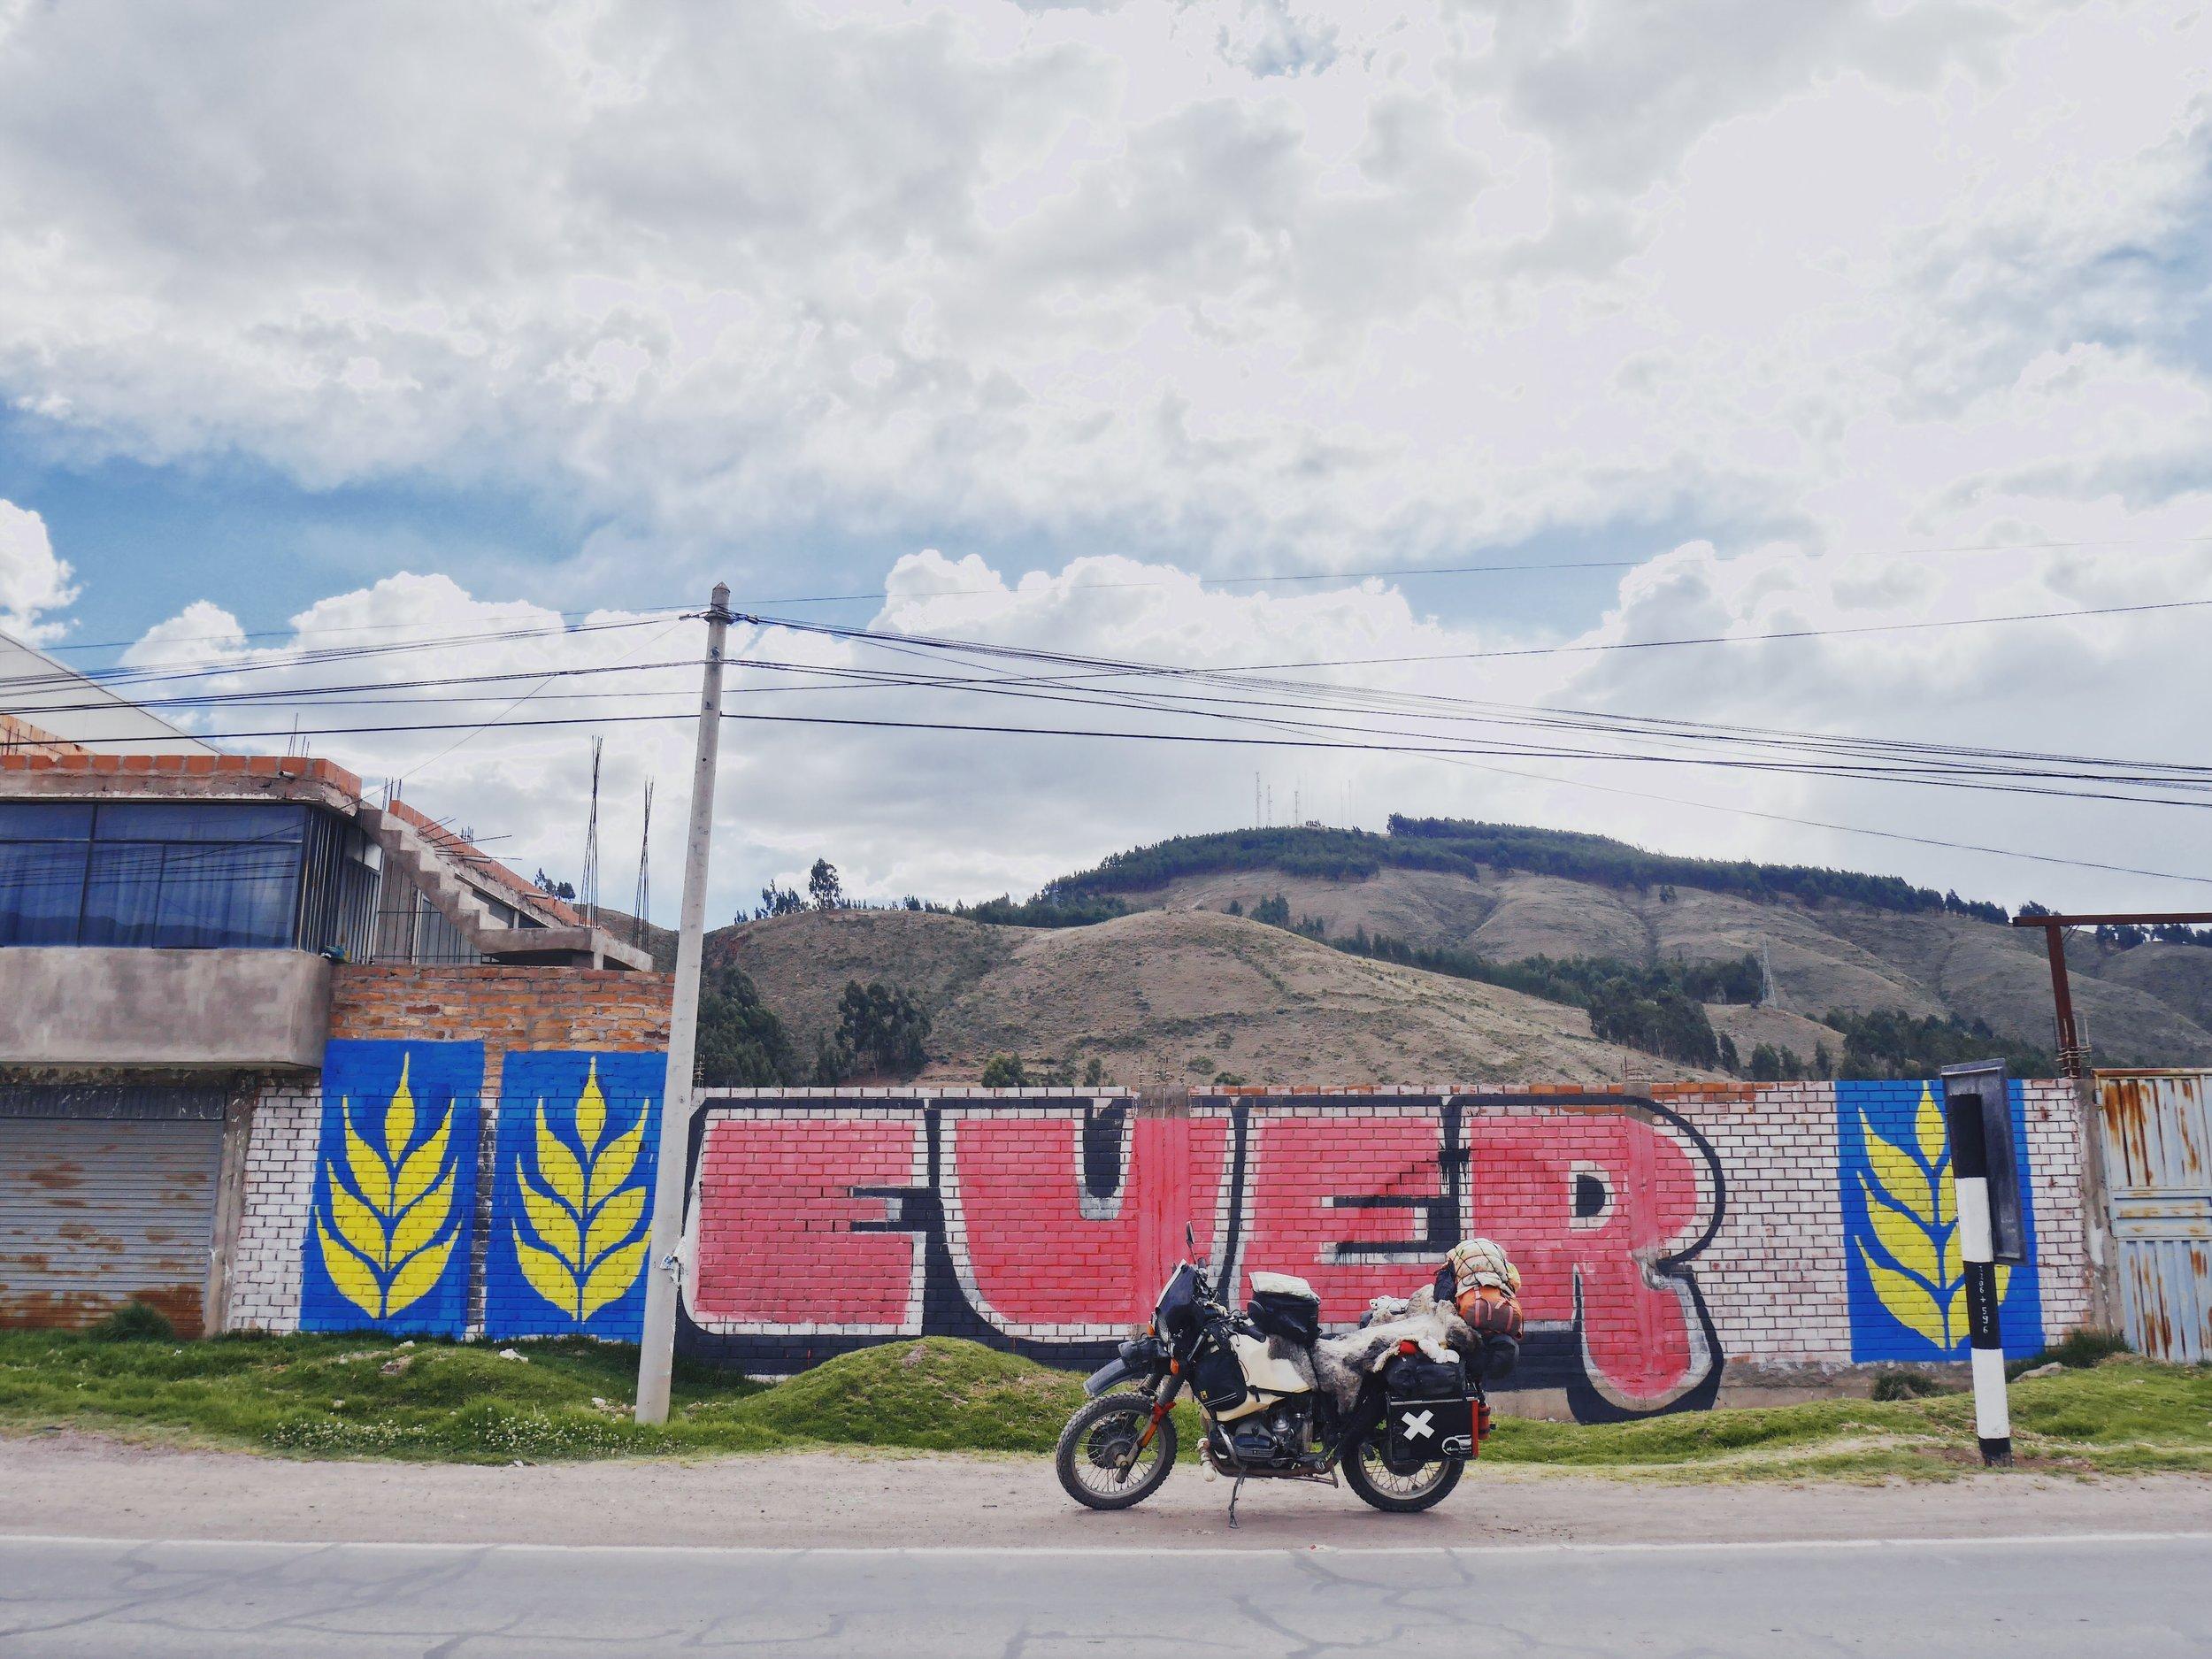 One of the innumerable political murals in rural Peru